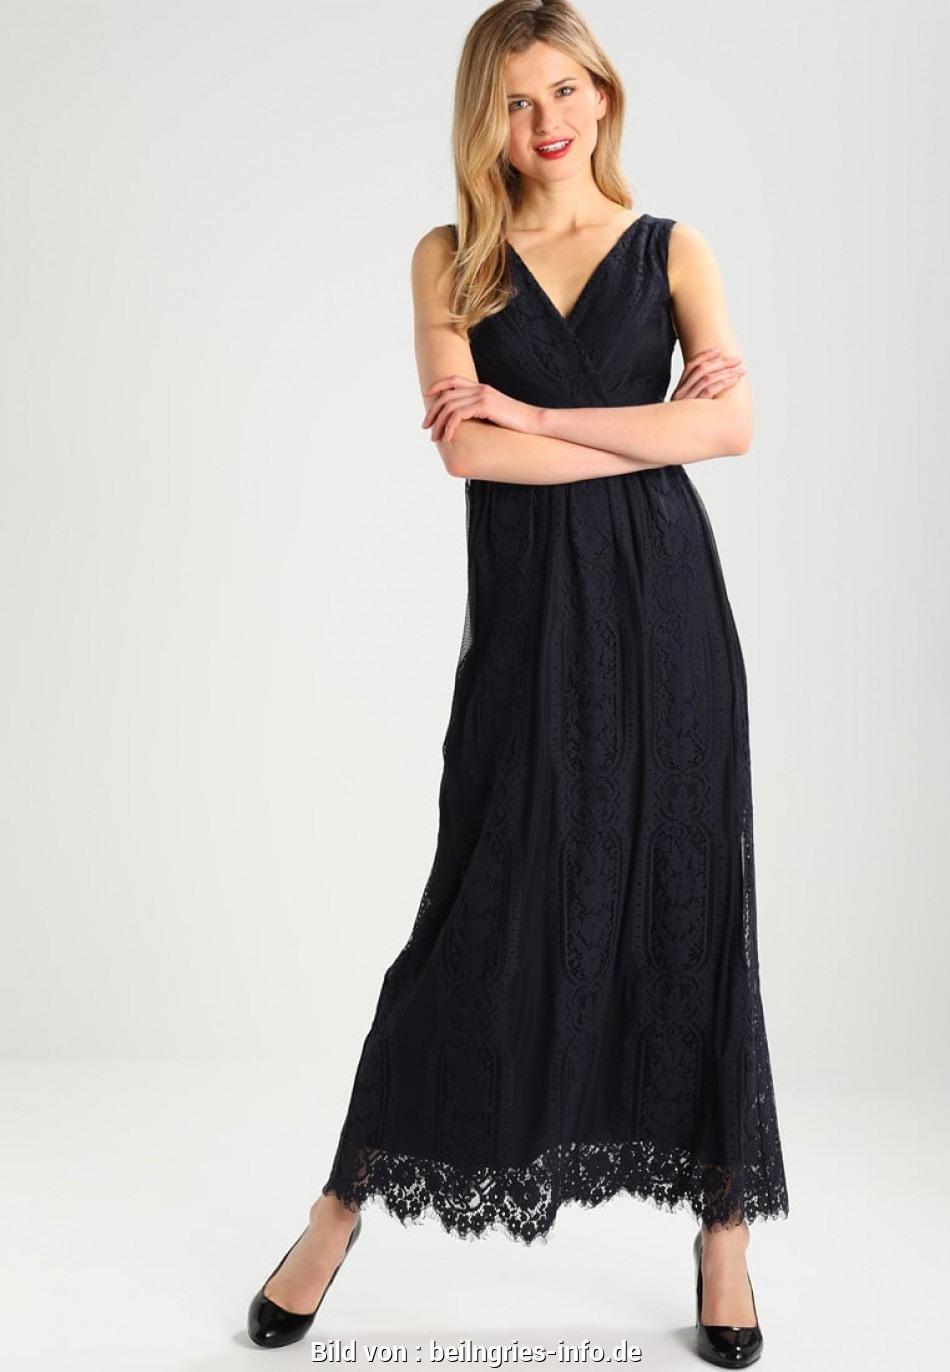 Formal Schön Abendkleider Junge Frauen BoutiqueDesigner Elegant Abendkleider Junge Frauen Bester Preis